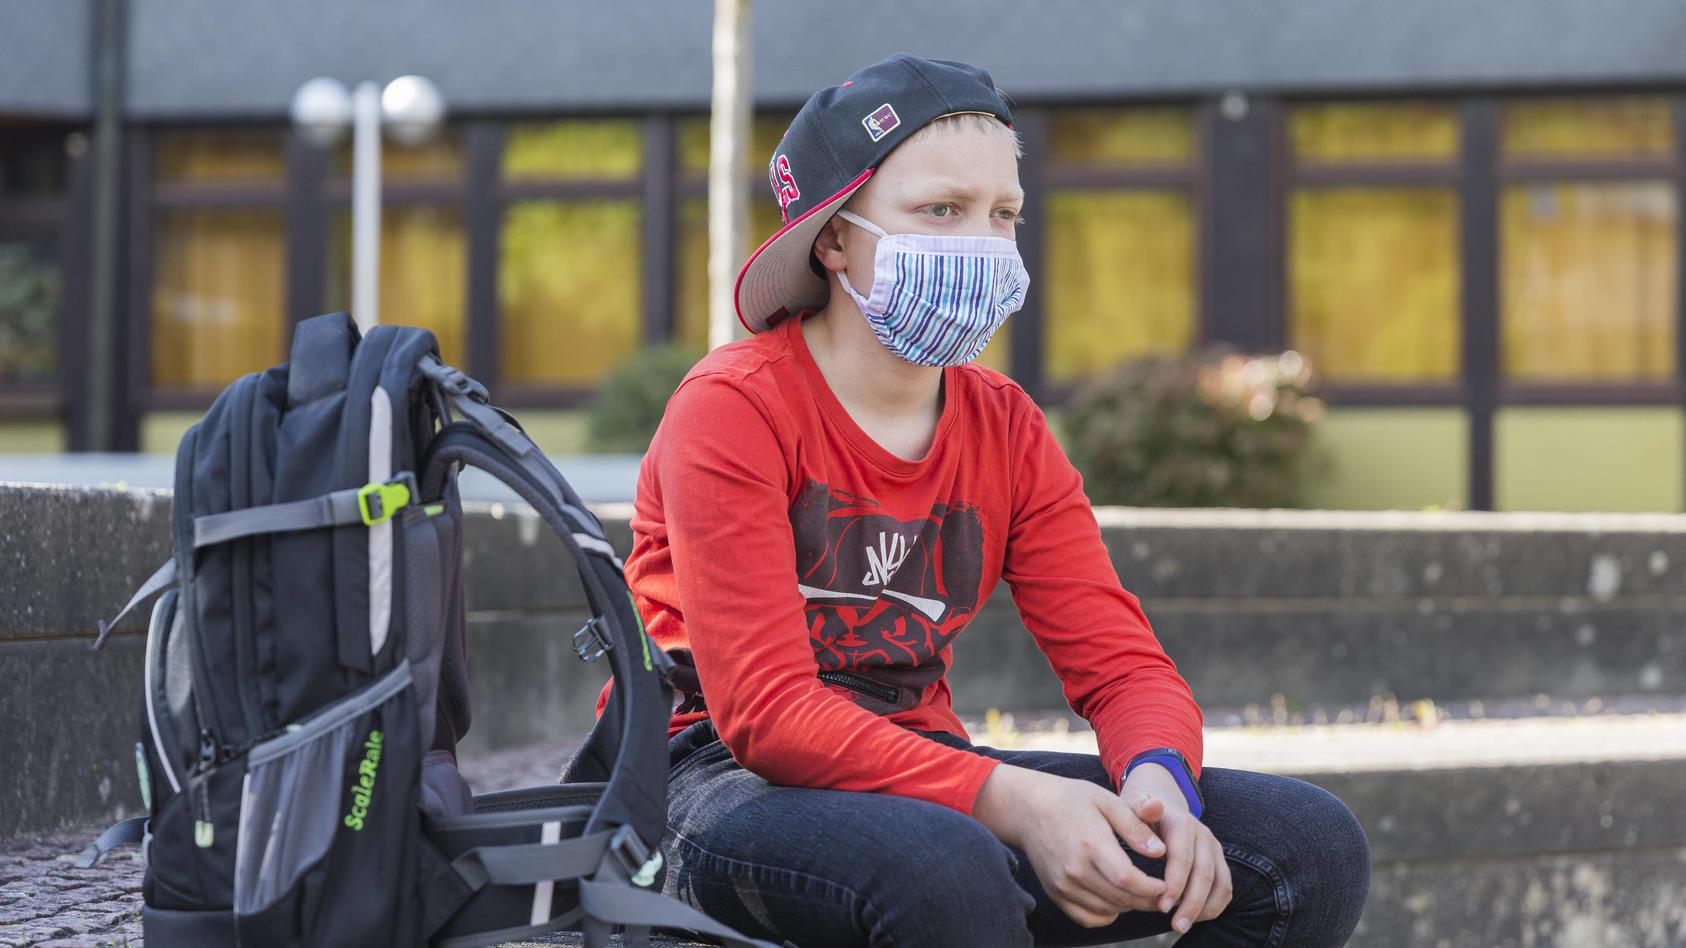 Die Maskenpflicht gilt an hessischen Schulen im Schulgebäude und auf dem Gelände - im Unterricht hingegen nur nach Anordnung des Gesundheitsamtes.